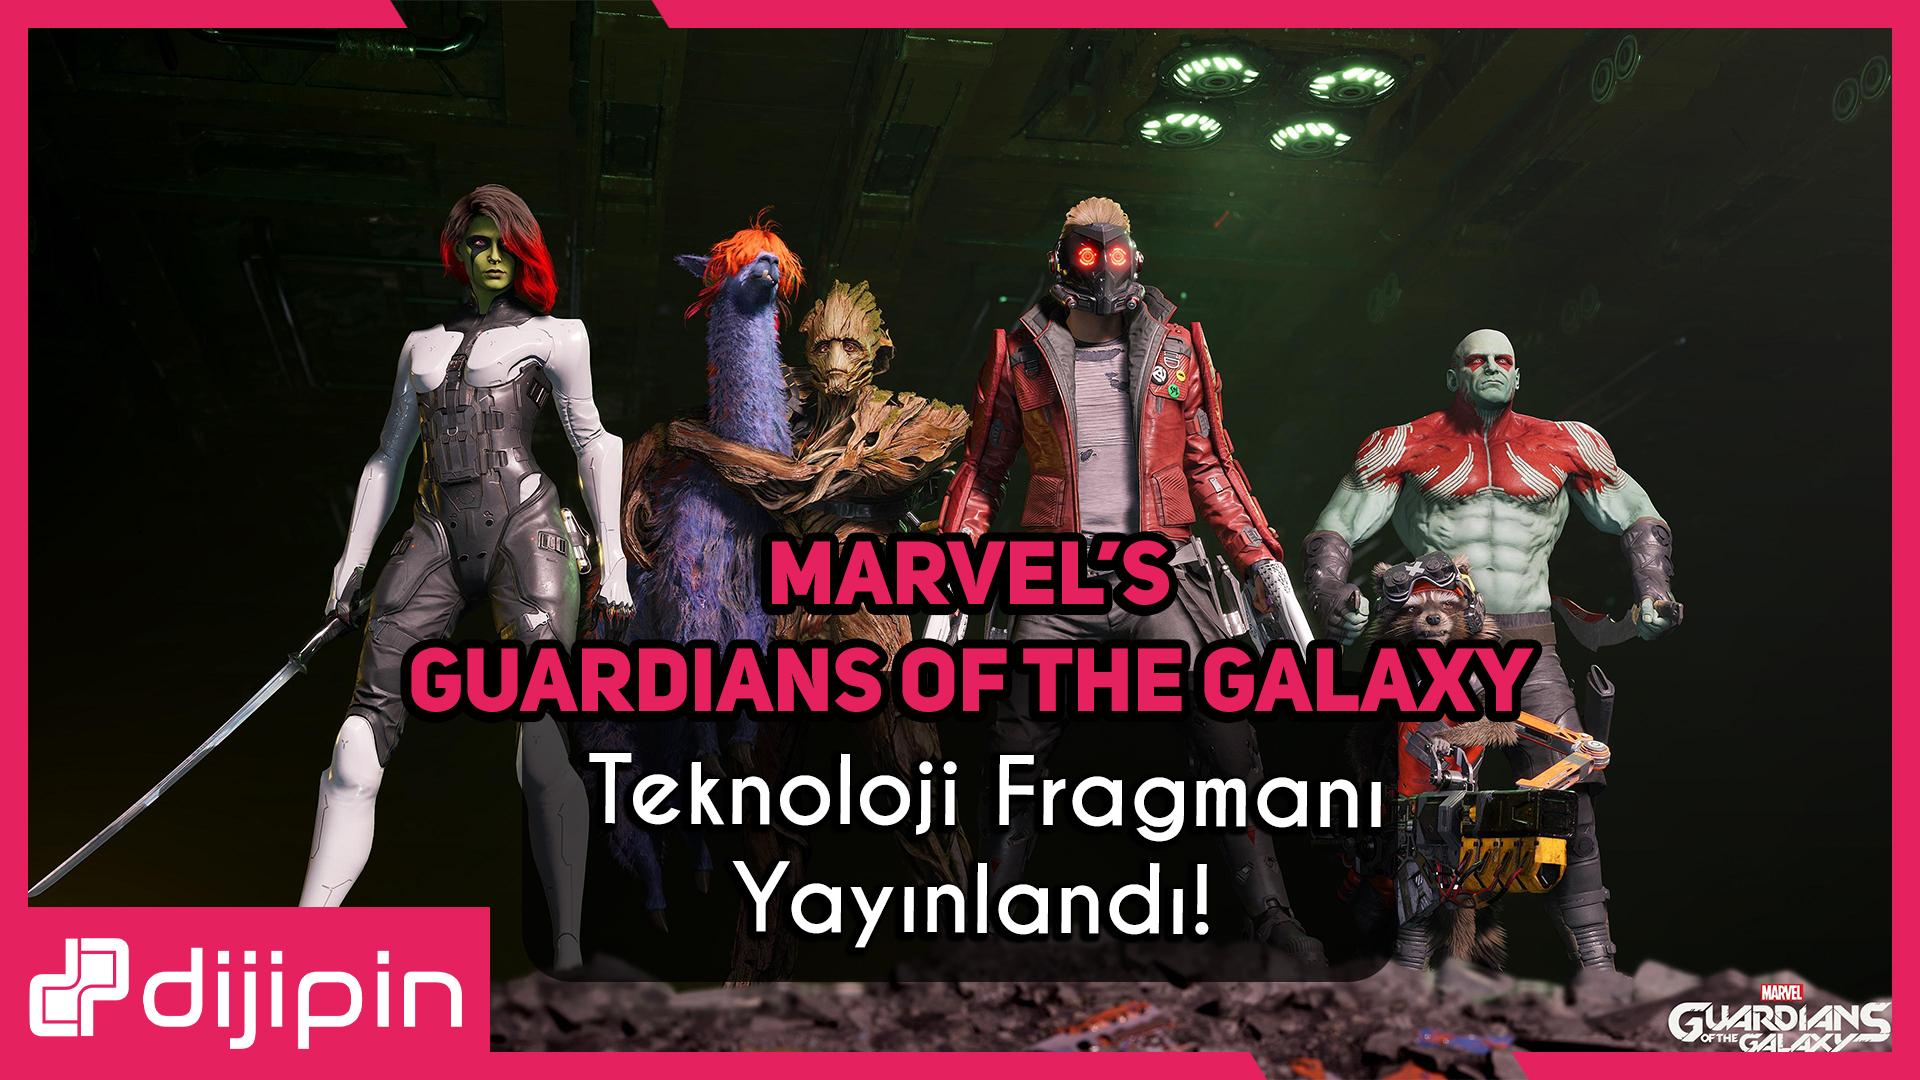 Marvel'ın Guardians Of The Galaxy Oyununun, Pc için Teknoloji Fragmanı Çıktı